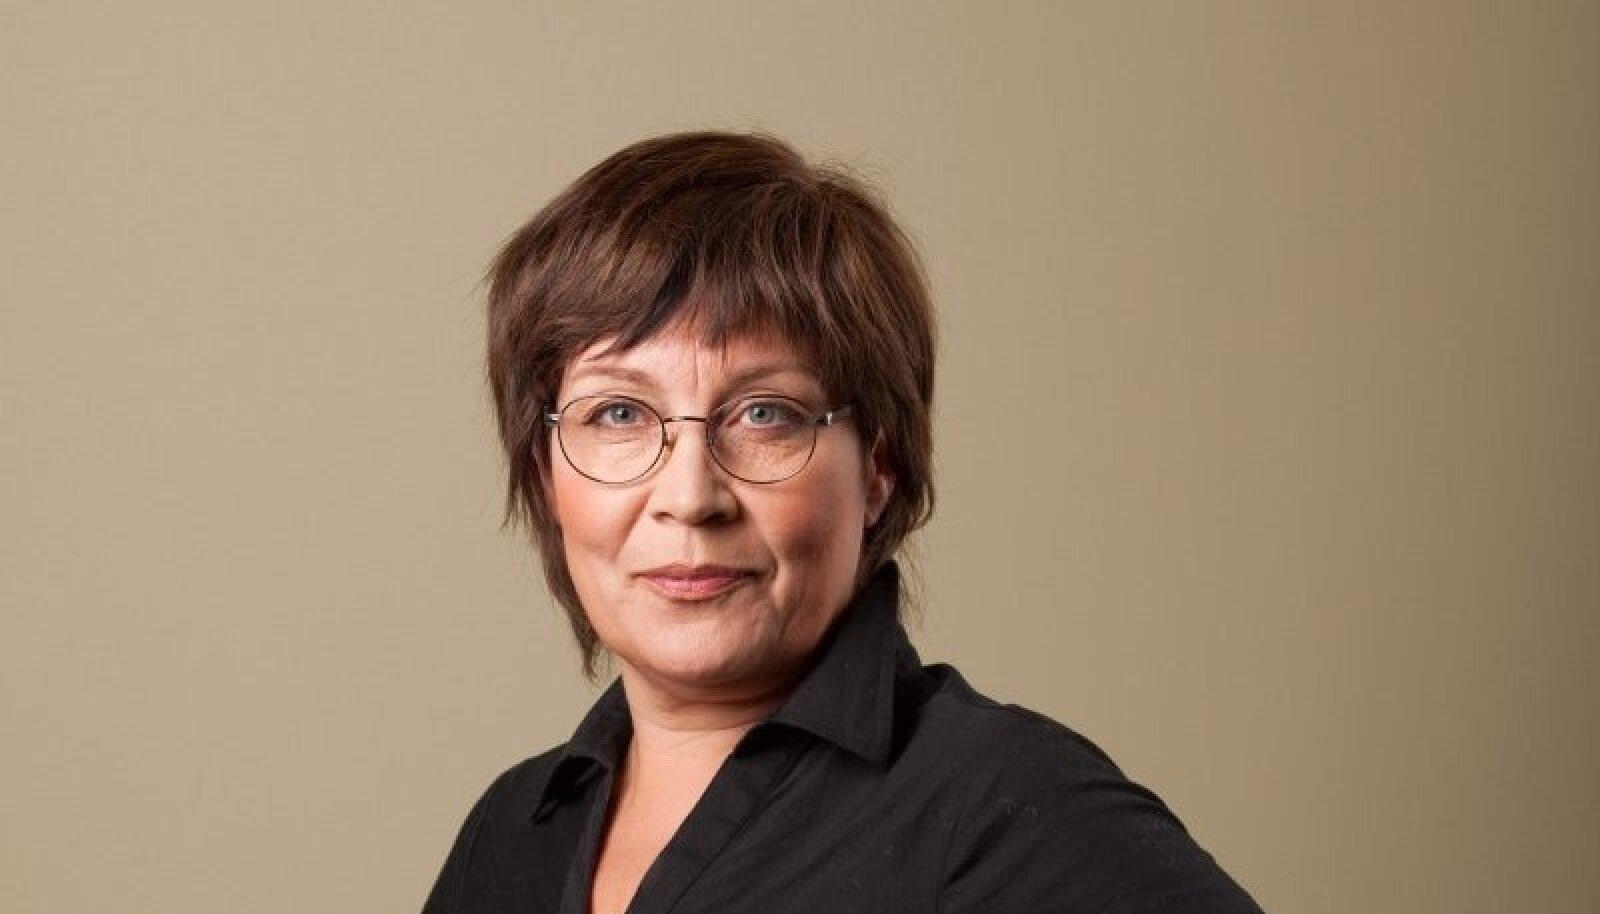 Marika Vaarik